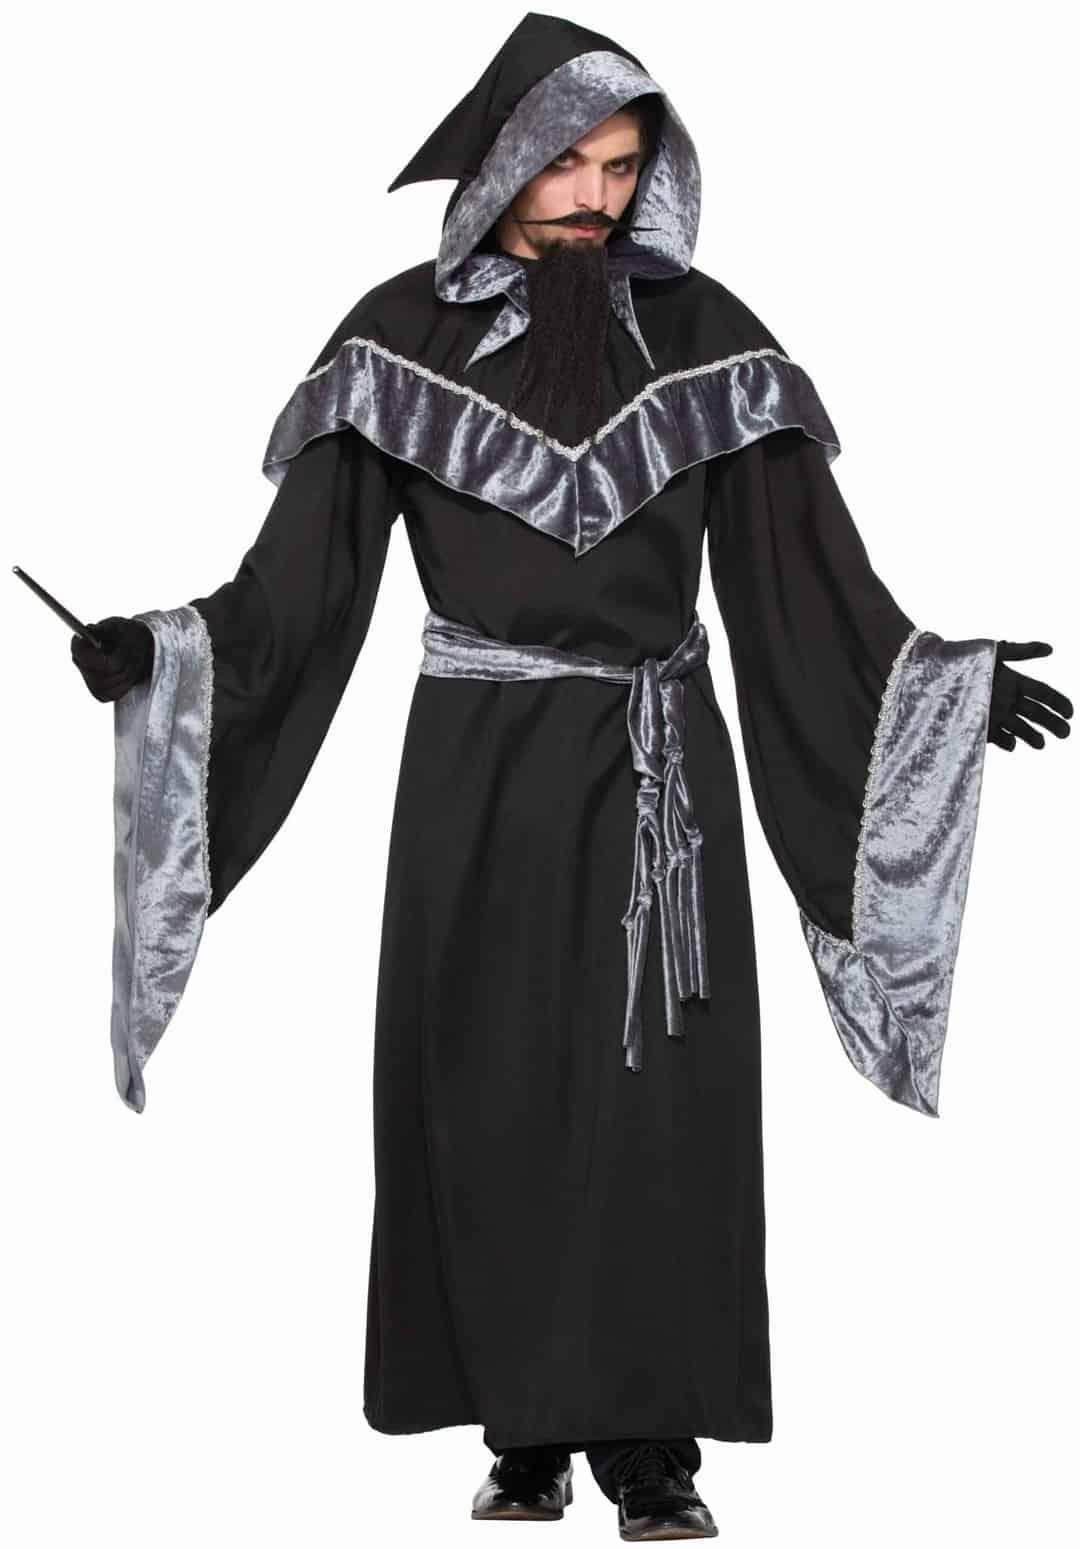 76989- wizard costume for men – Halloween Alley